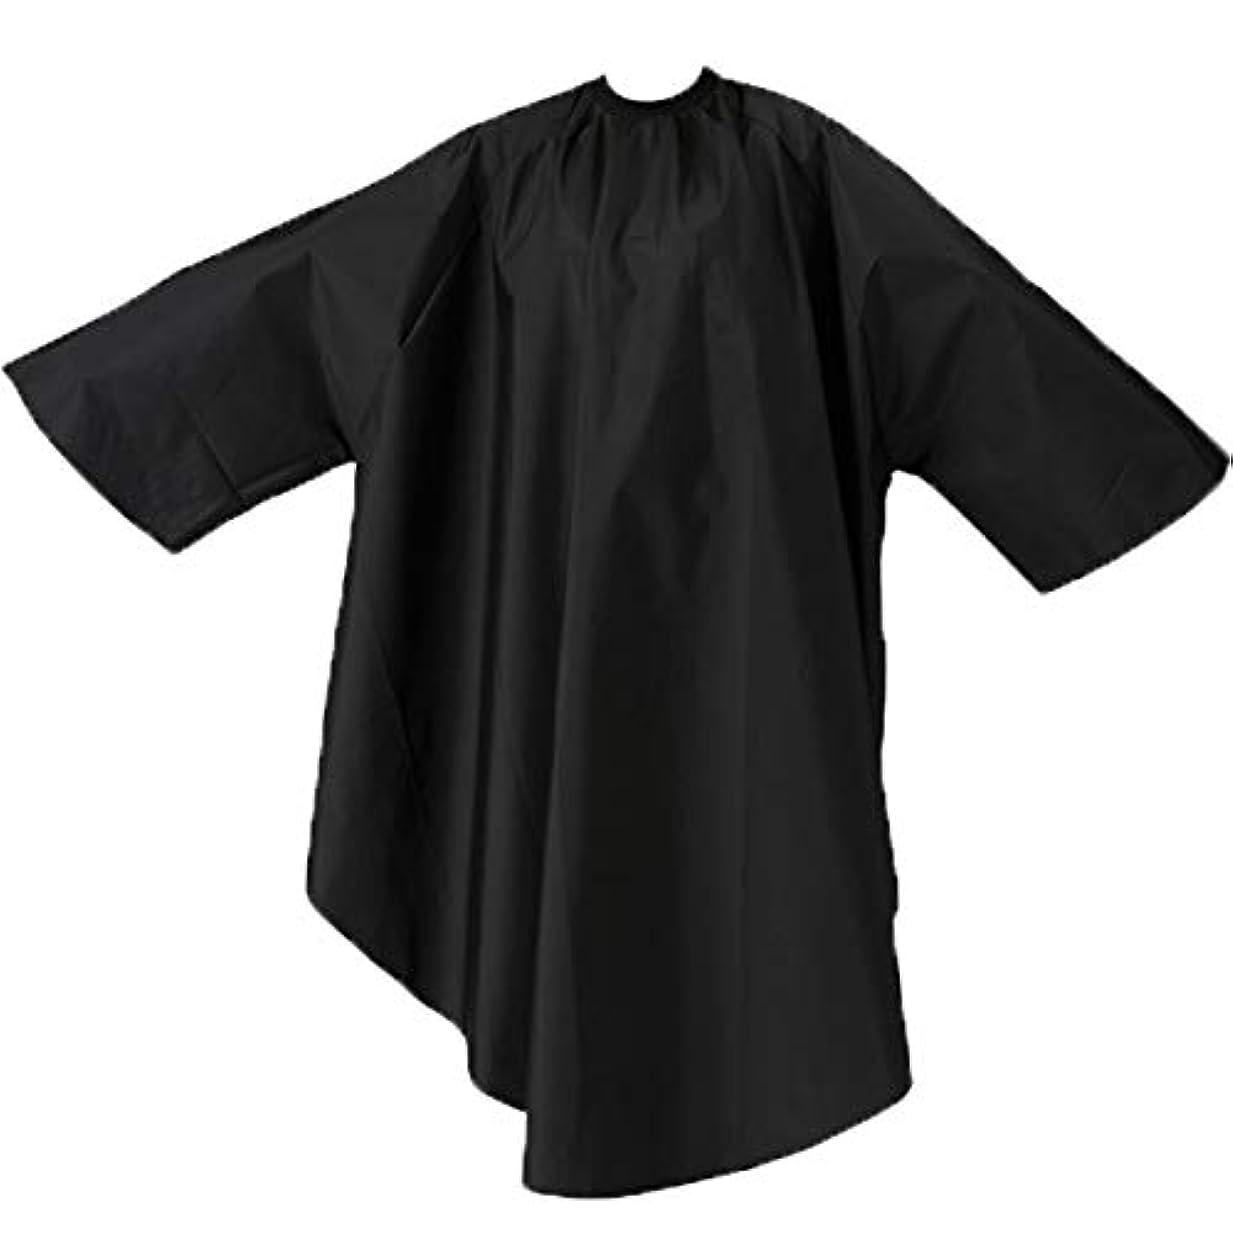 盆コンデンサー秘密のエルコ 9762 ザ?クロス SKITT II 袖付 ヘアダイ&カットクロス ナイロン100% ヘアカラー/散髪ケープ/カットクロス/刈布 ELCO (首回り52cm, ブラック)